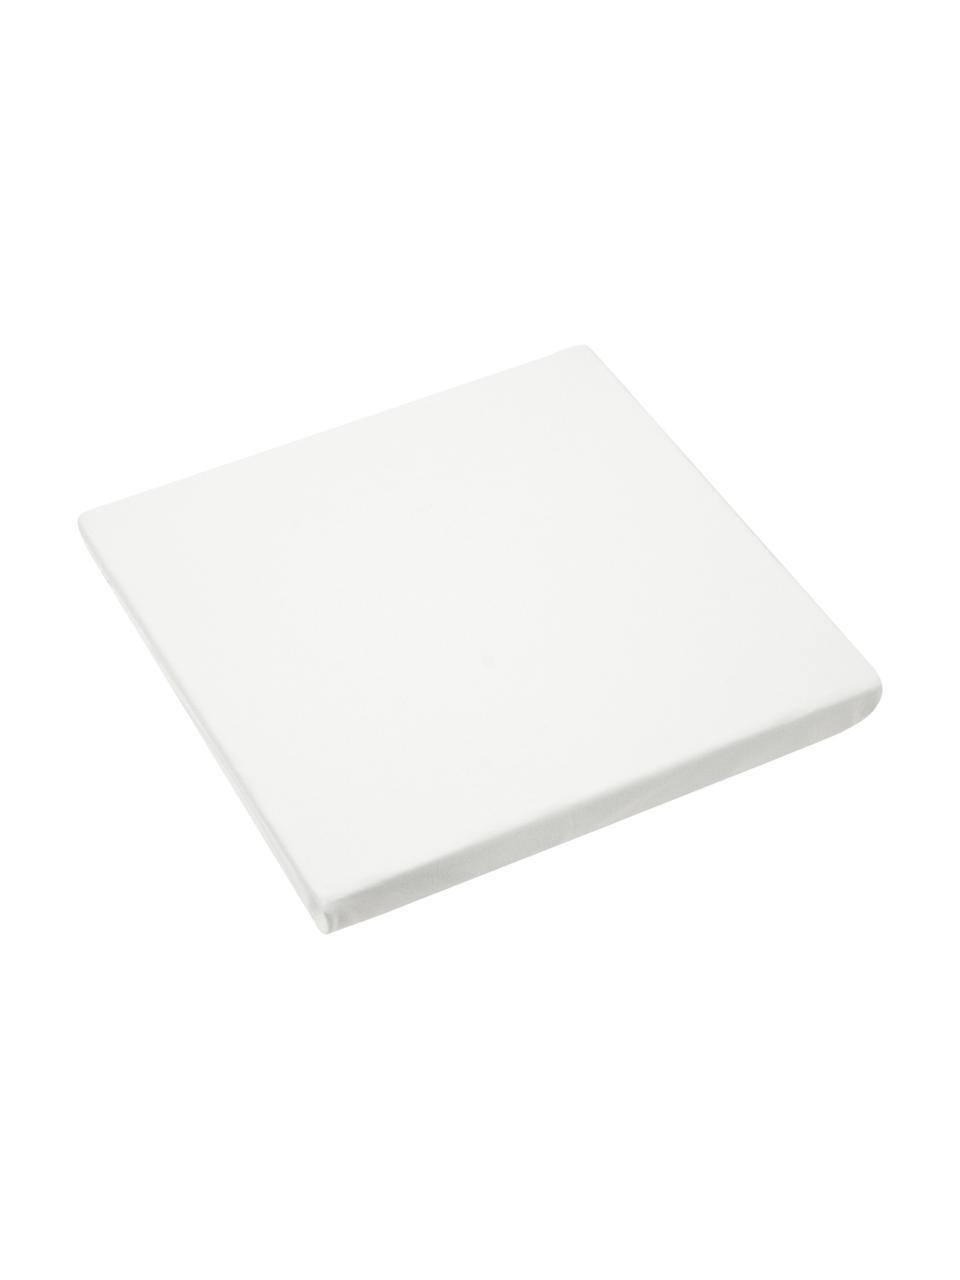 Lenzuolo con angoli in jersey-elastan color crema Lara, 95% cotone, 5% elastan, Color crema, Larg. 180 x Lung. 200 cm